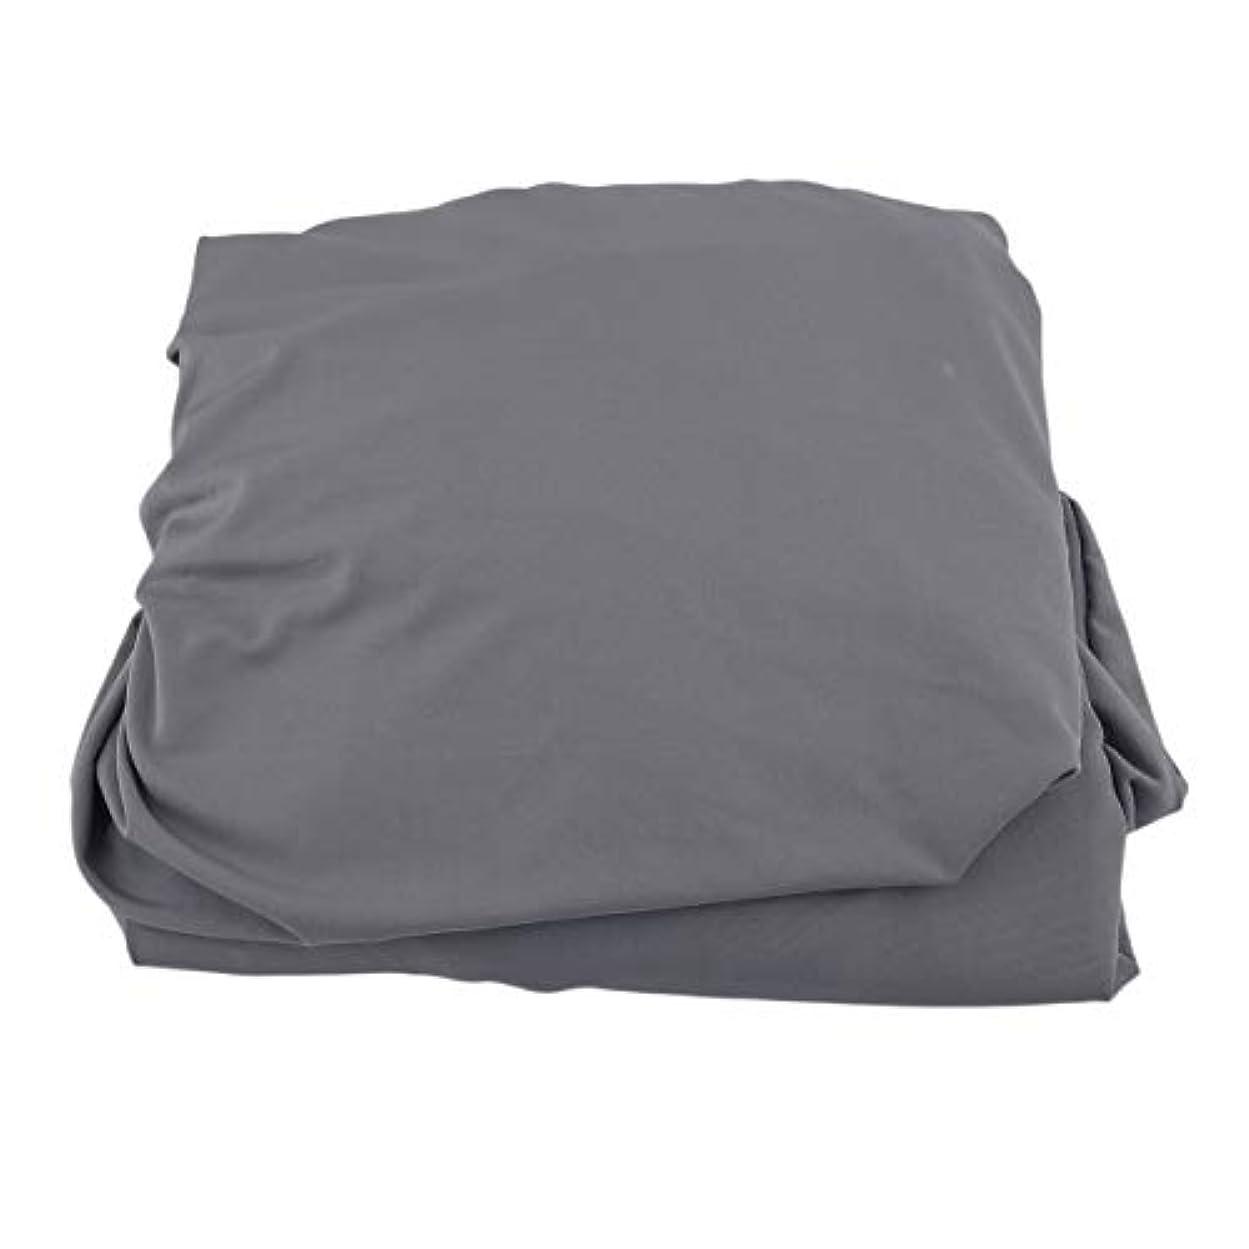 失速判定宣伝Saikogoods 弾性ポリエステルソファカバーピュアカラーストレッチ本のカバー柔軟な椅子Dustcoat耐久性のあるソファーカバー家具の布 グレー